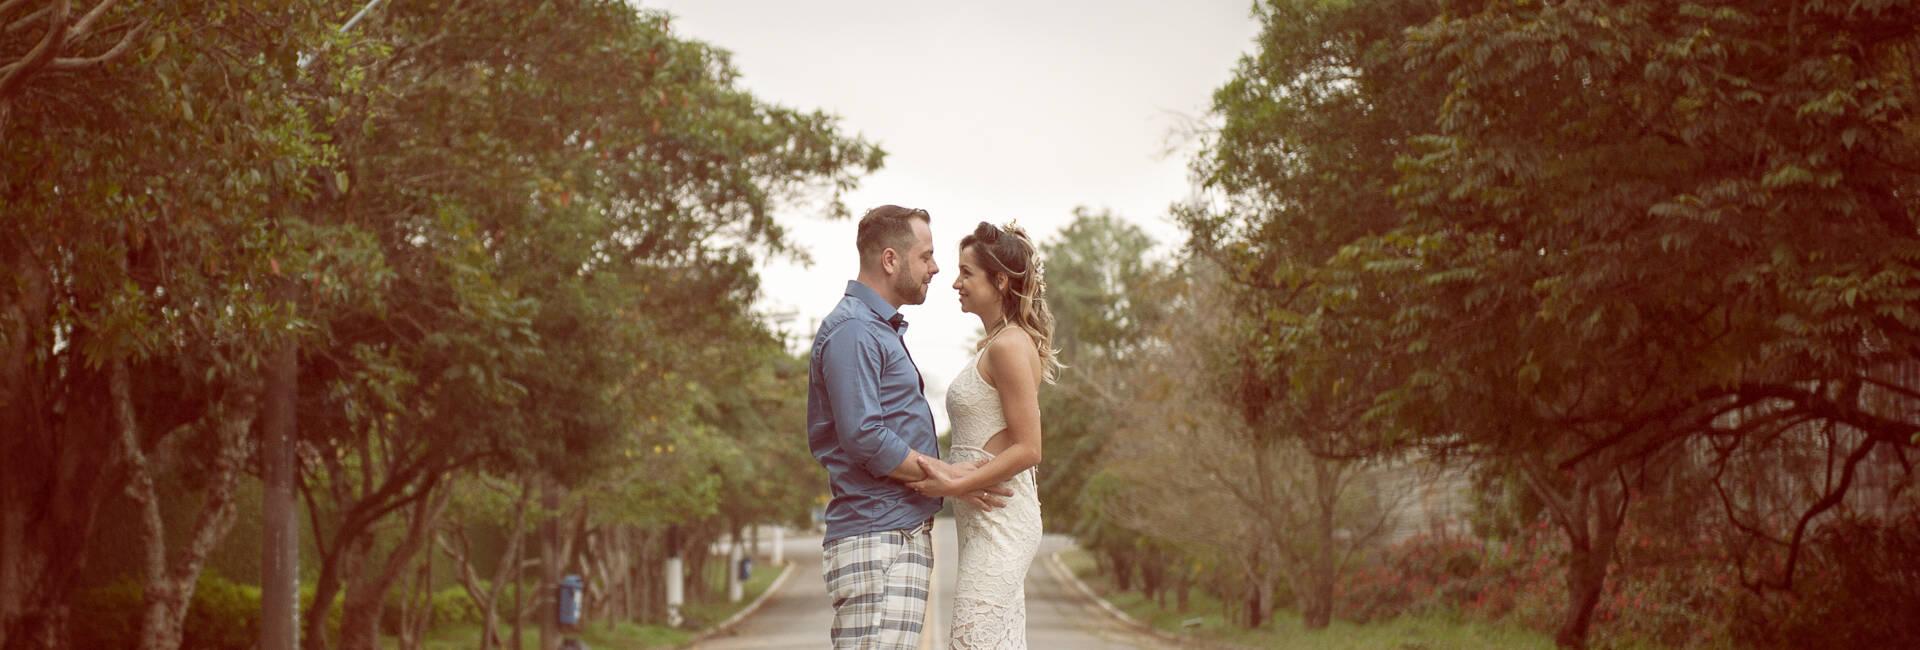 Ensaio de Pre-Wedding